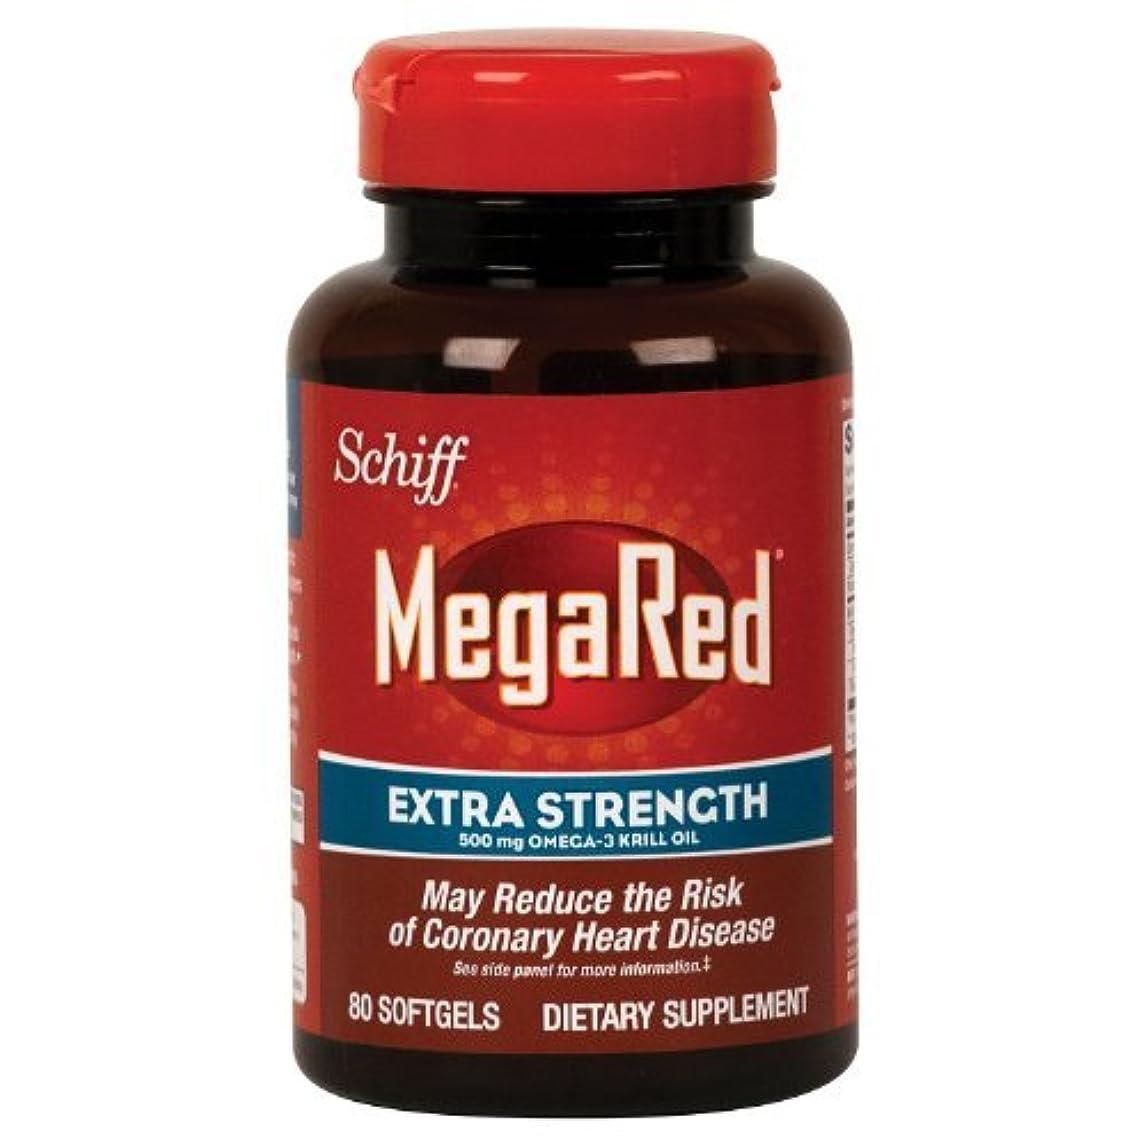 ディスパッチピービッシュリングレットSchiff Megared Extra Strength 500mg Omega-3 Krill Oil - 80 Softgels by Simply Right [並行輸入品]